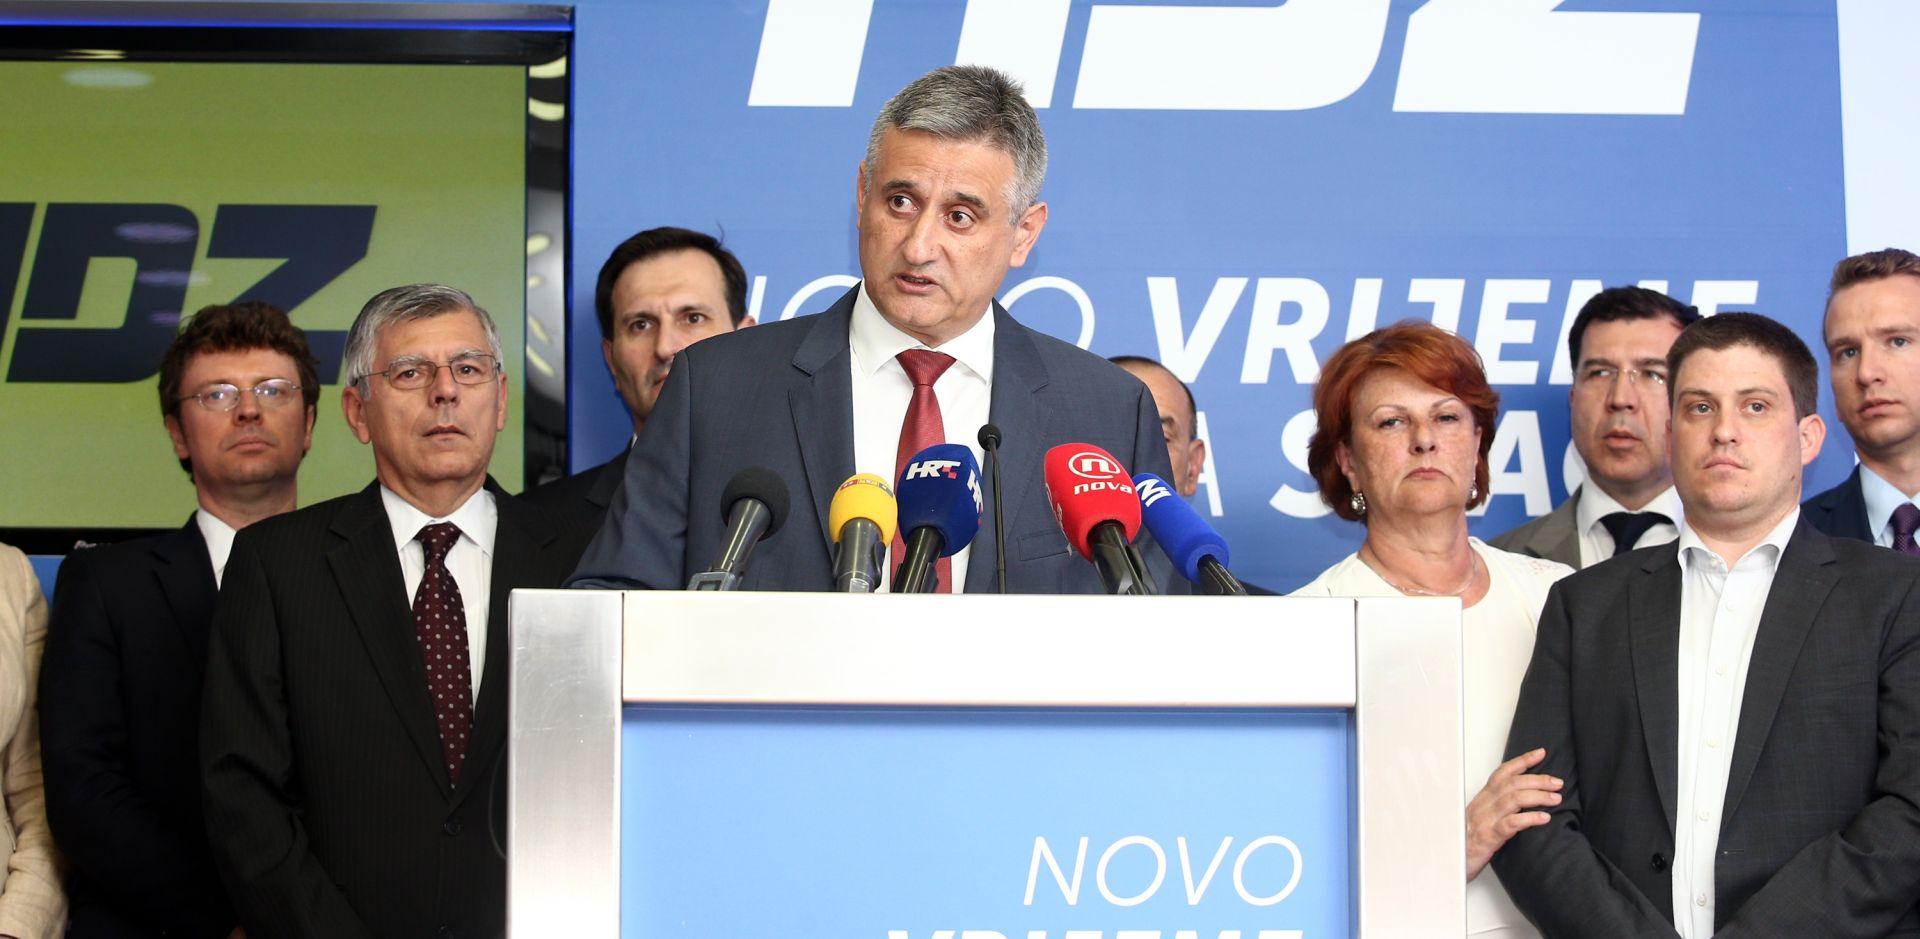 DOKUMENT OD ŠEST TOČAKA: HDZ Oreškovića optužuje za pokušaj uspostavljanja kancelarske diktature